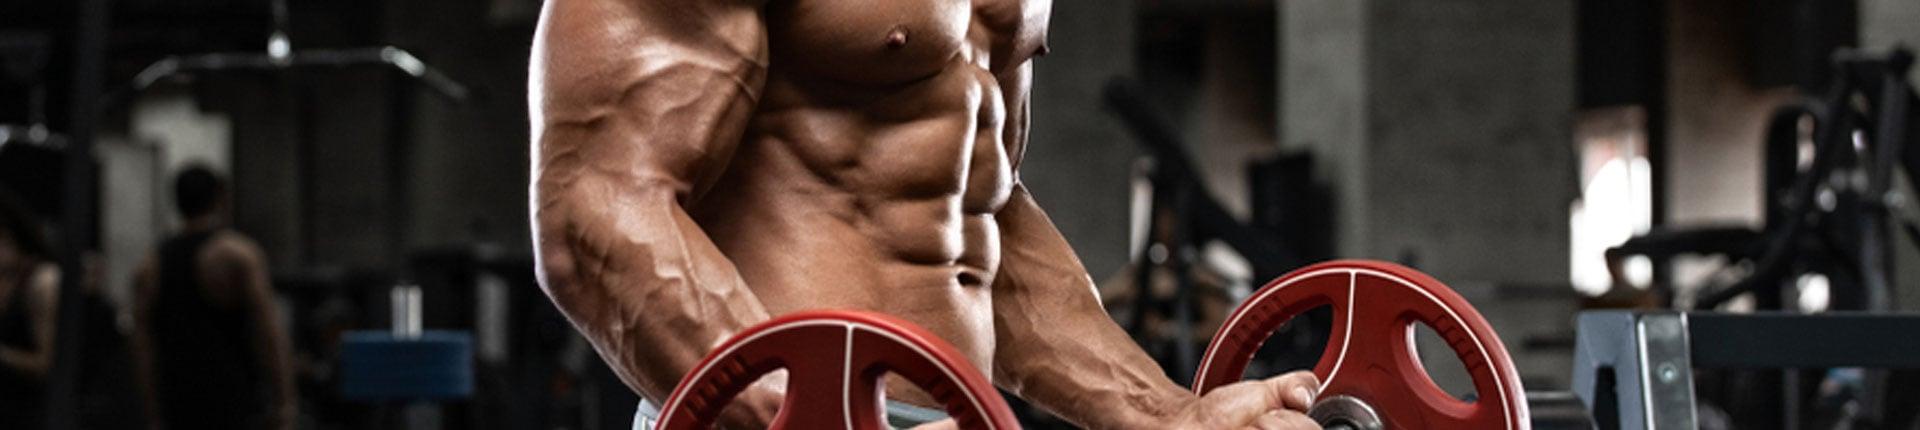 Ile powtórzeń w treningu na masę daje najlepsze efekty?